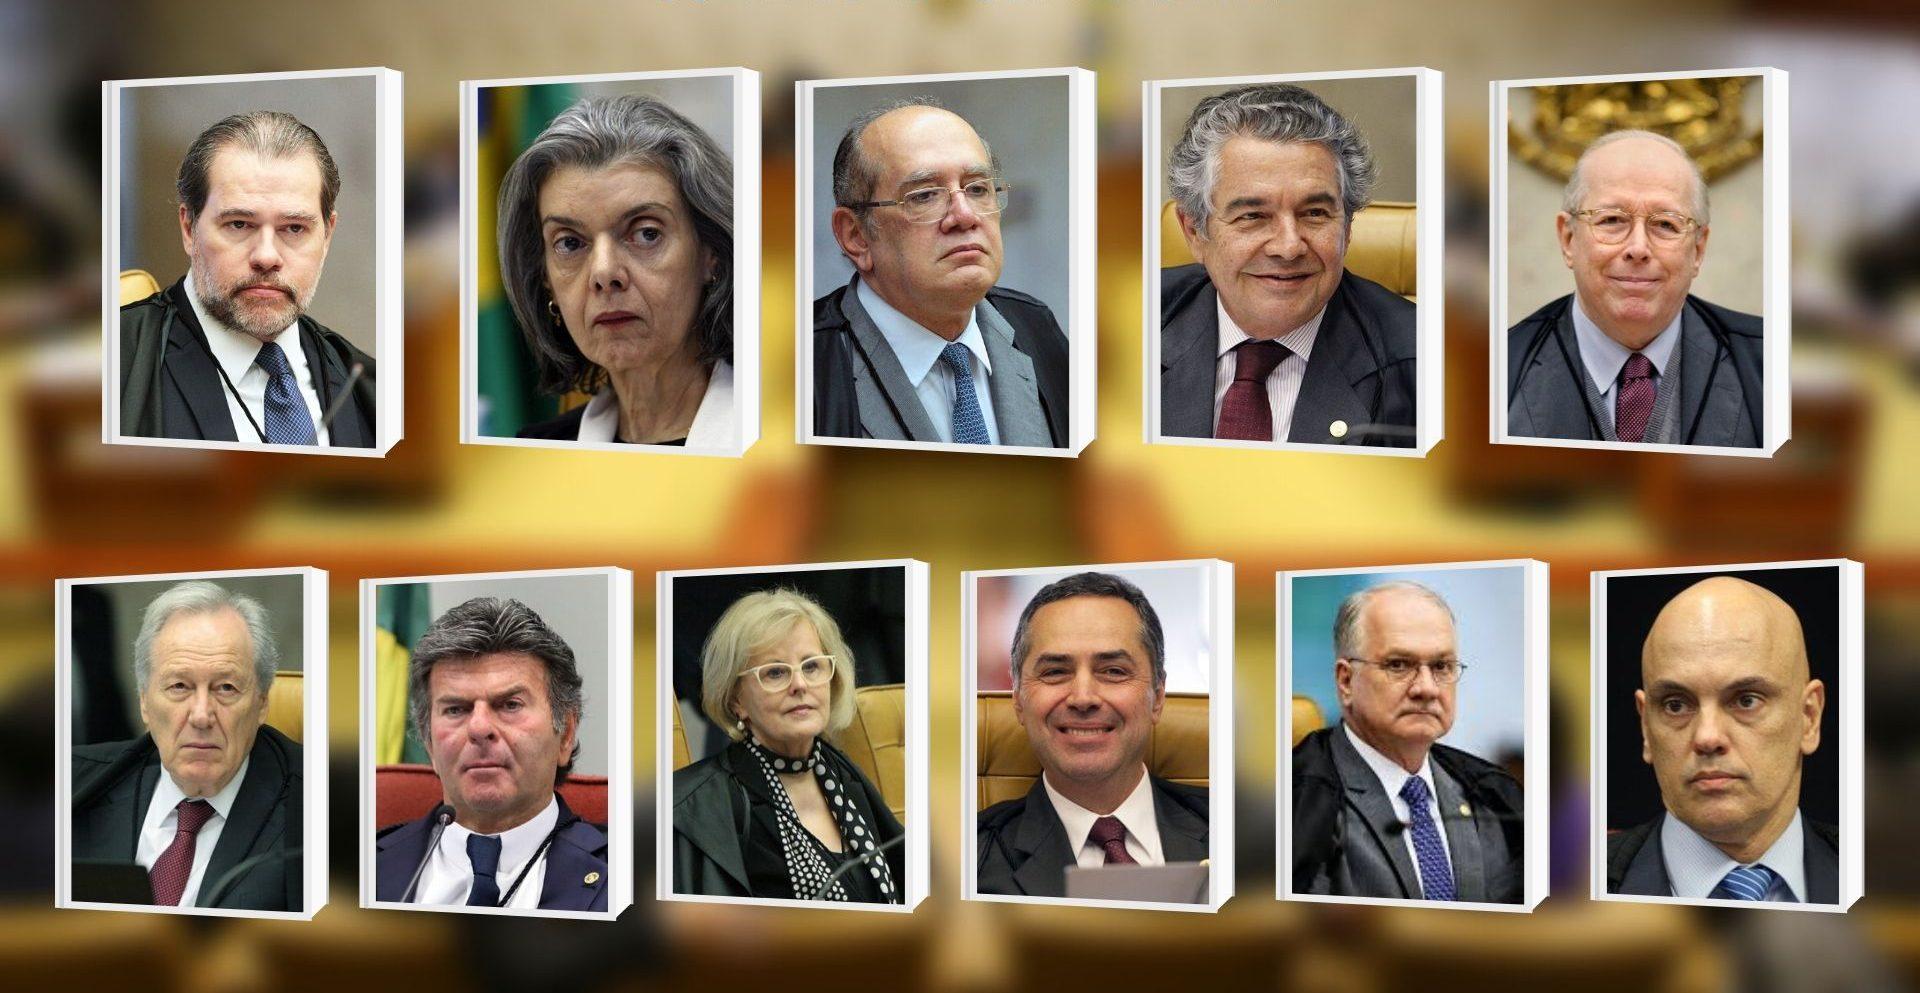 Municípios e estados podem tomar medidas no combate ao Covid-19 sem aval do Presidente Bolsonaro